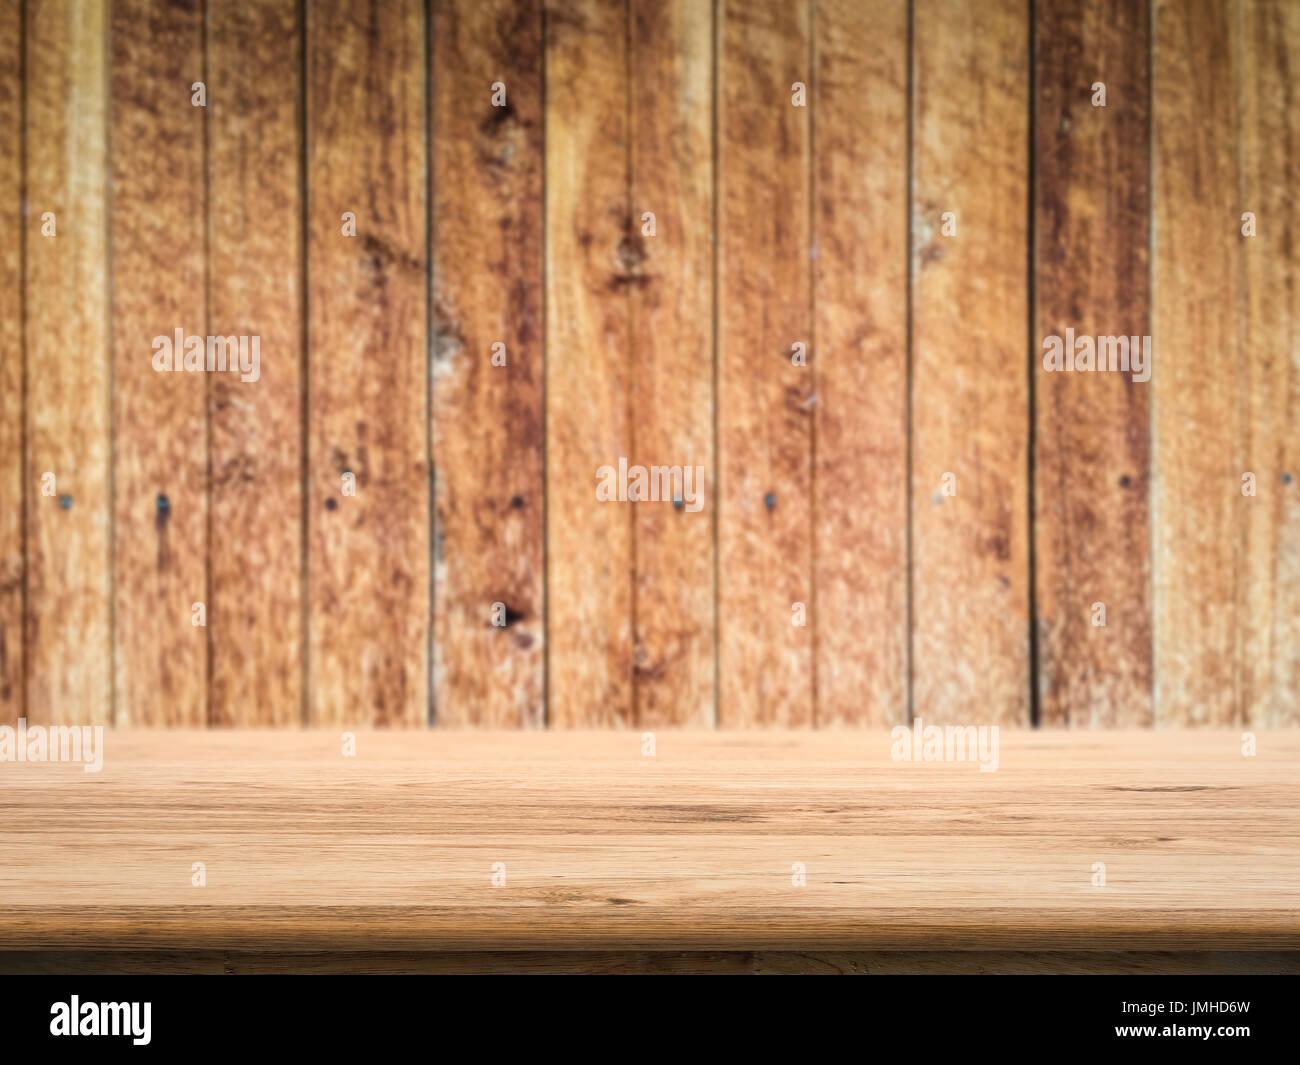 Assi Di Legno Hd : Vuoto contatore in legno top con grunge sfondo legno foto